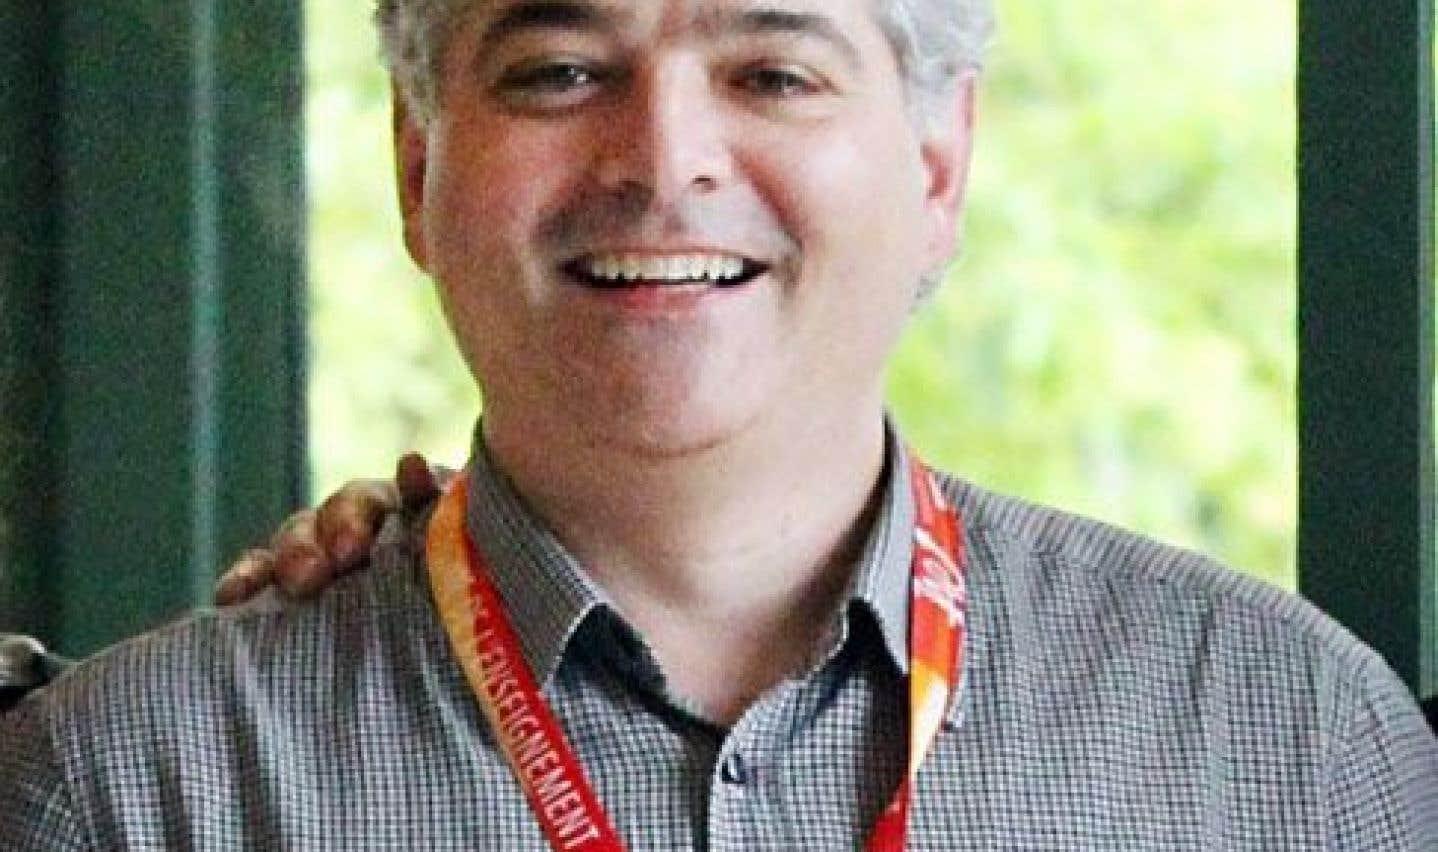 Le président de la Fédération autonome de l'enseignement (FAE), Sylvain Mallette